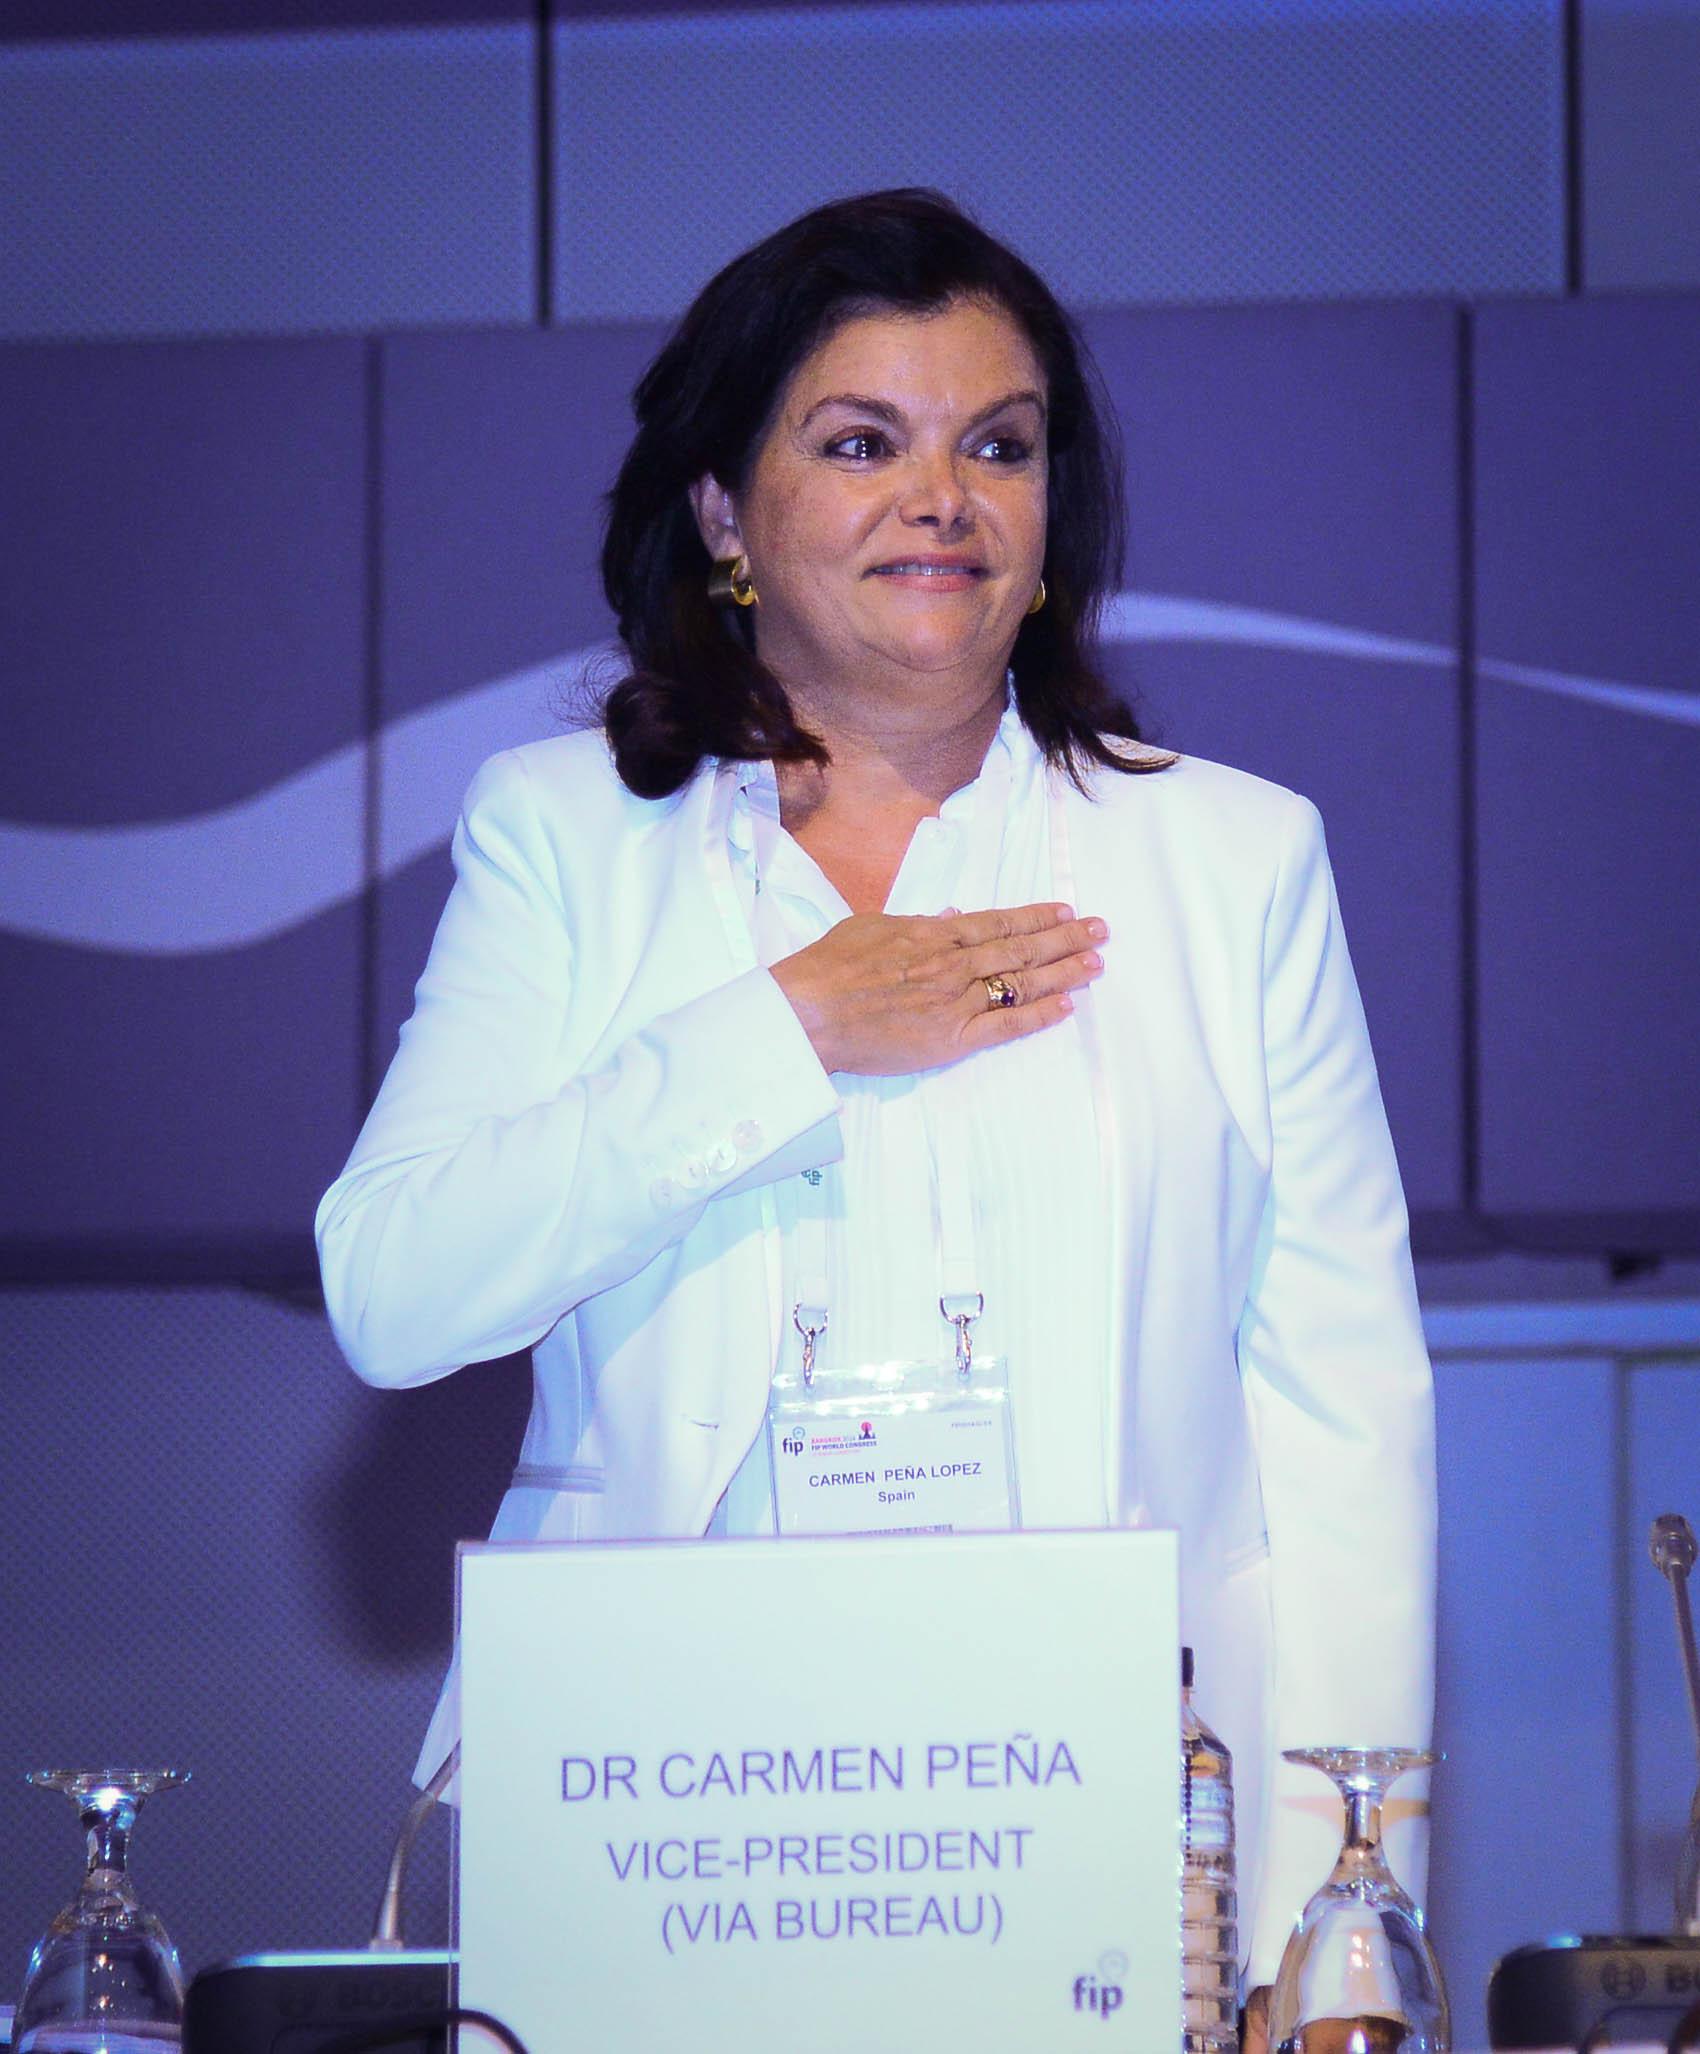 New FIP President Dr. Carmen Pena